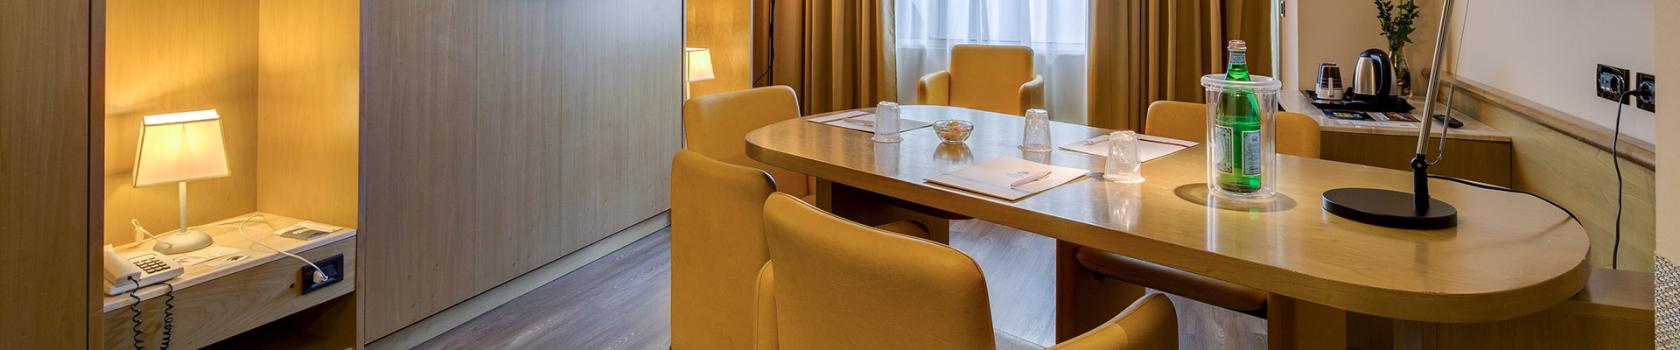 Uffici a tua disposizione nel nostro hotel a Parma